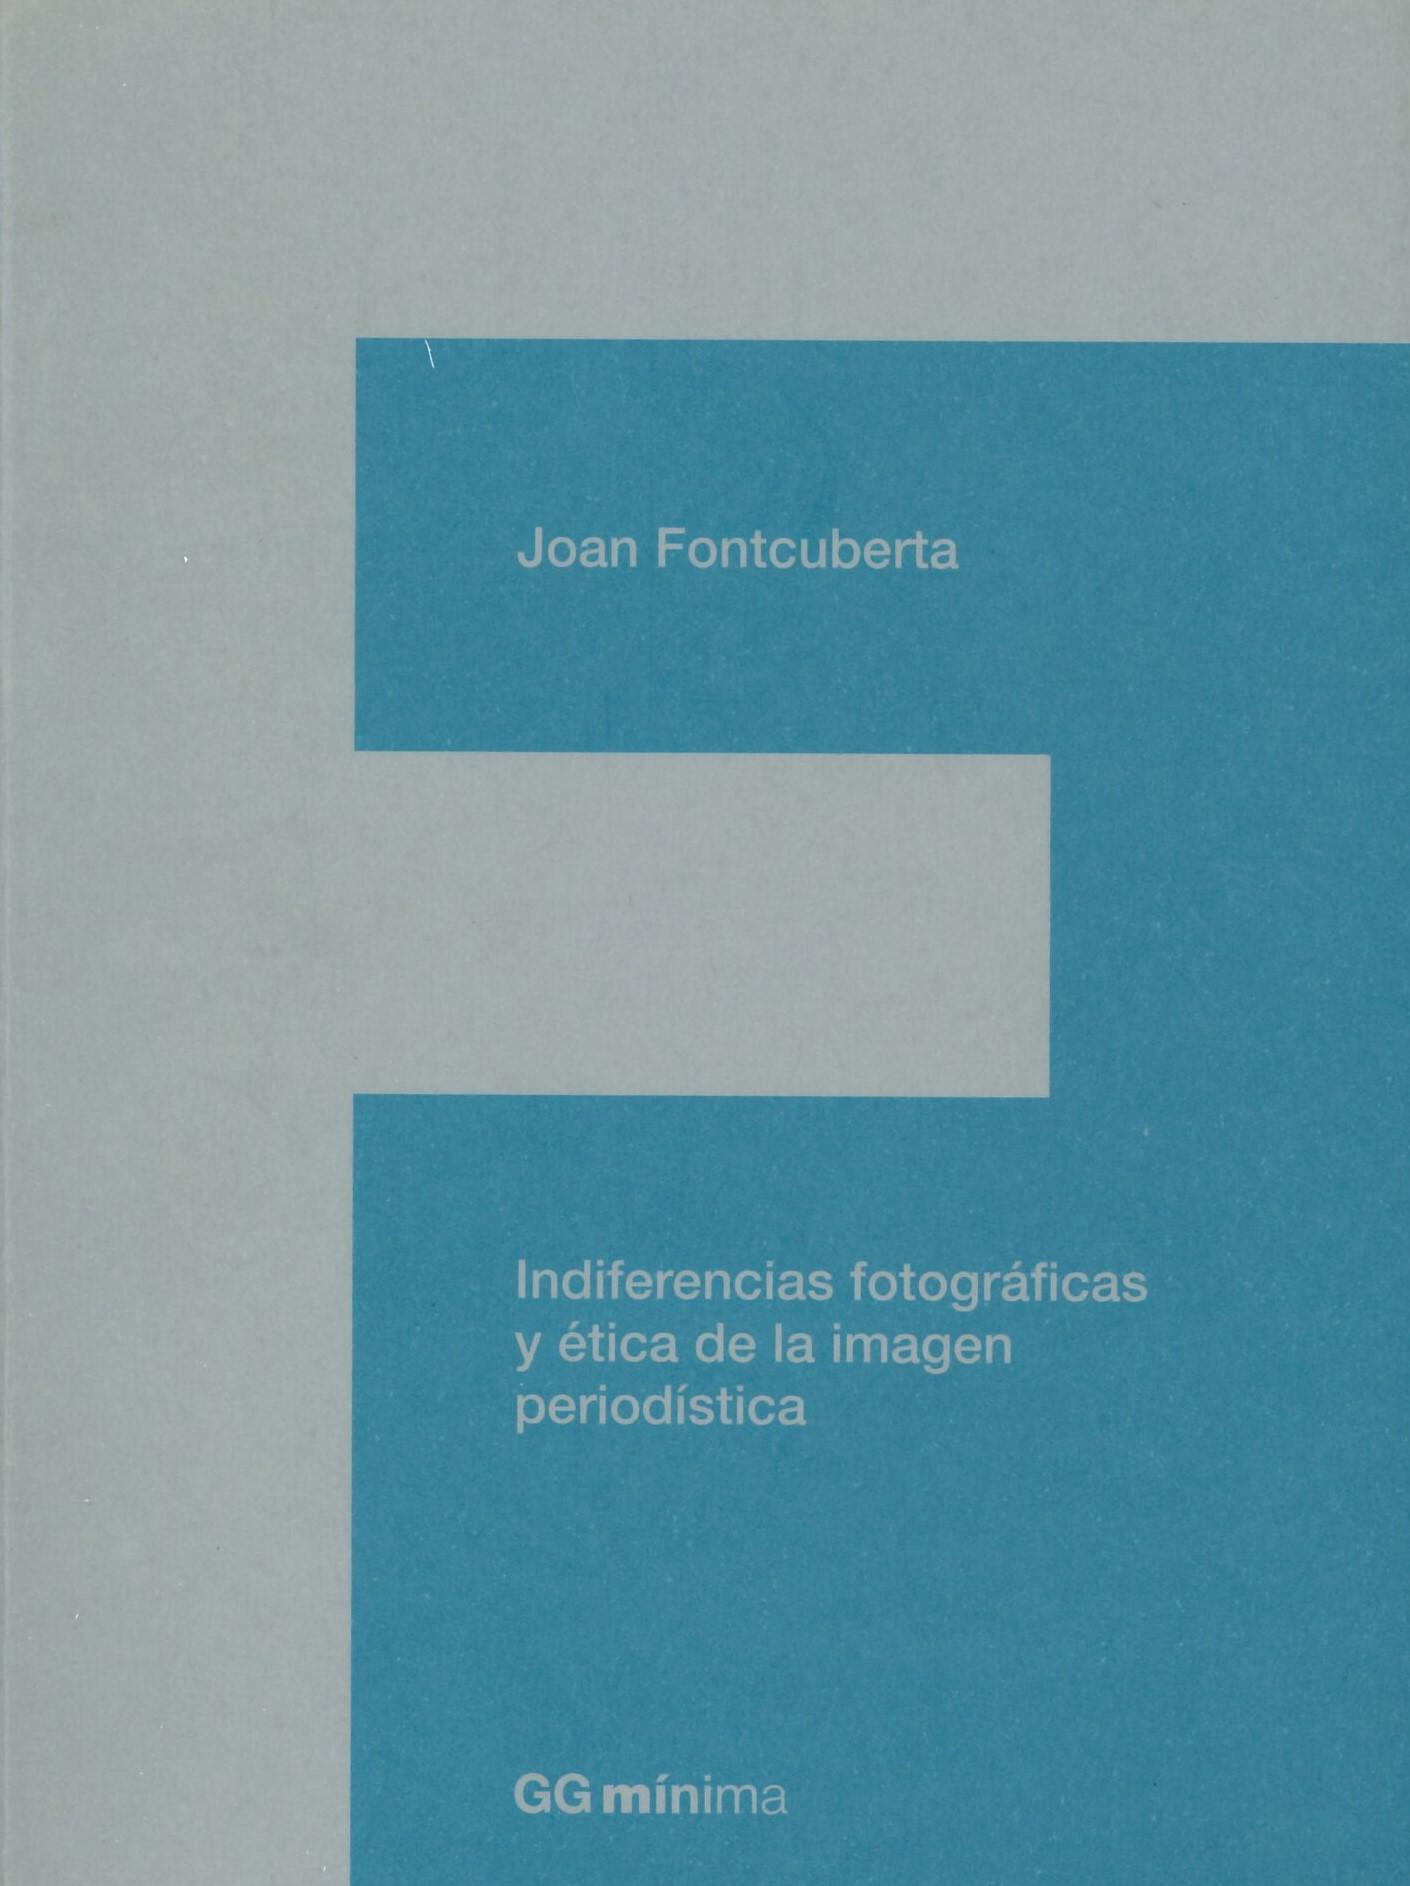 joan_fontcuberta.jpg